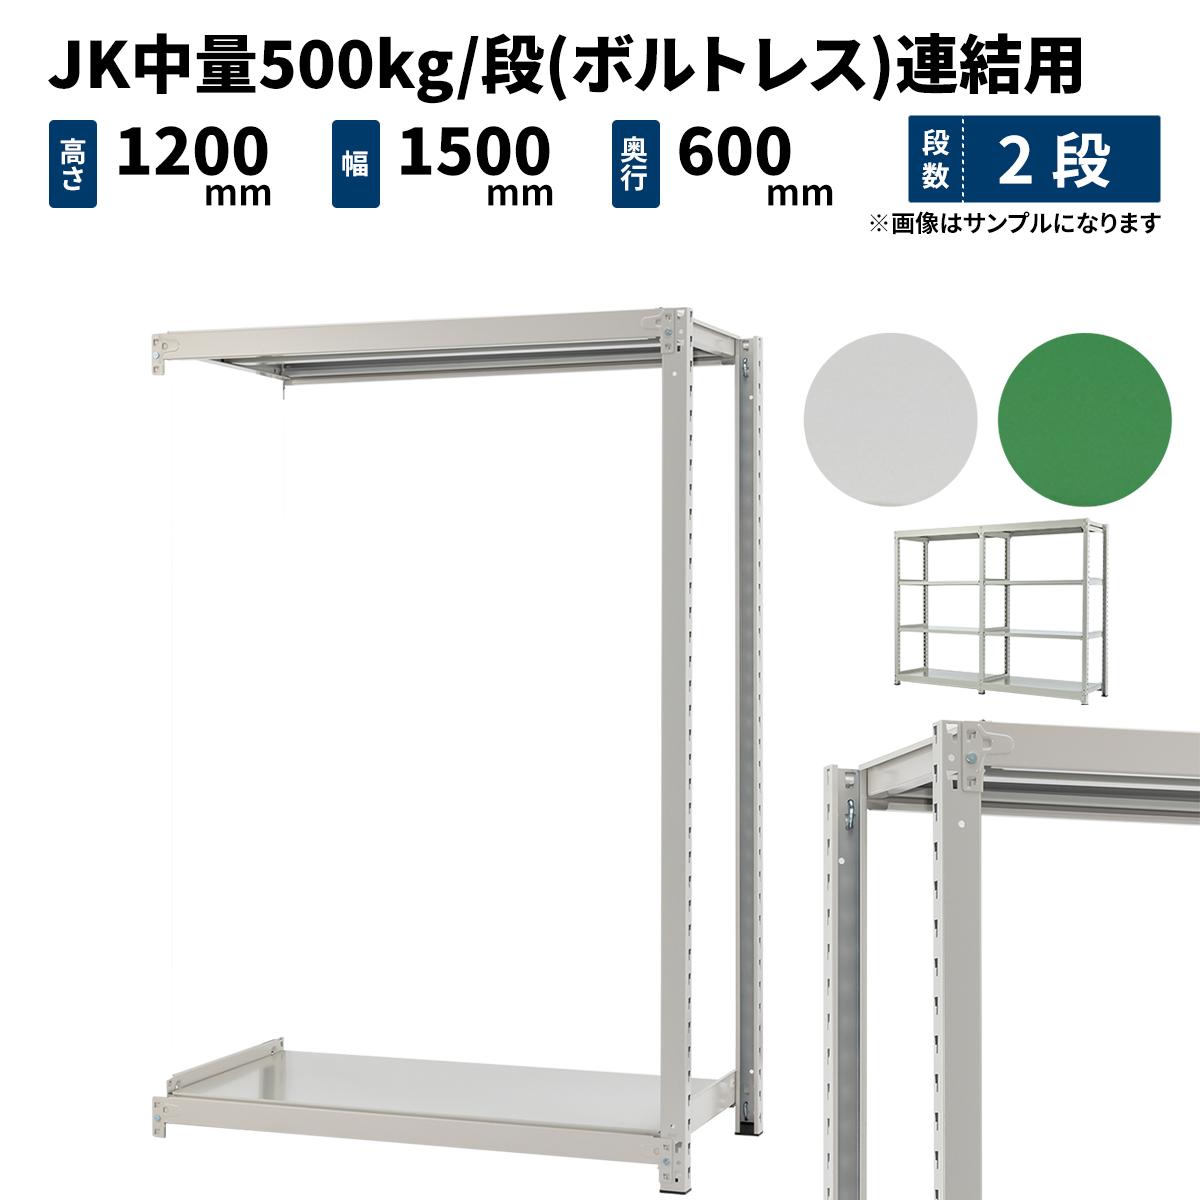 スチールラック 業務用 JK中量500kg/段(ボルトレス) 連結形式 高さ1200×幅1500×奥行600mm 2段 ホワイトグレー/グリーン (41kg) JK500_R-121506-2